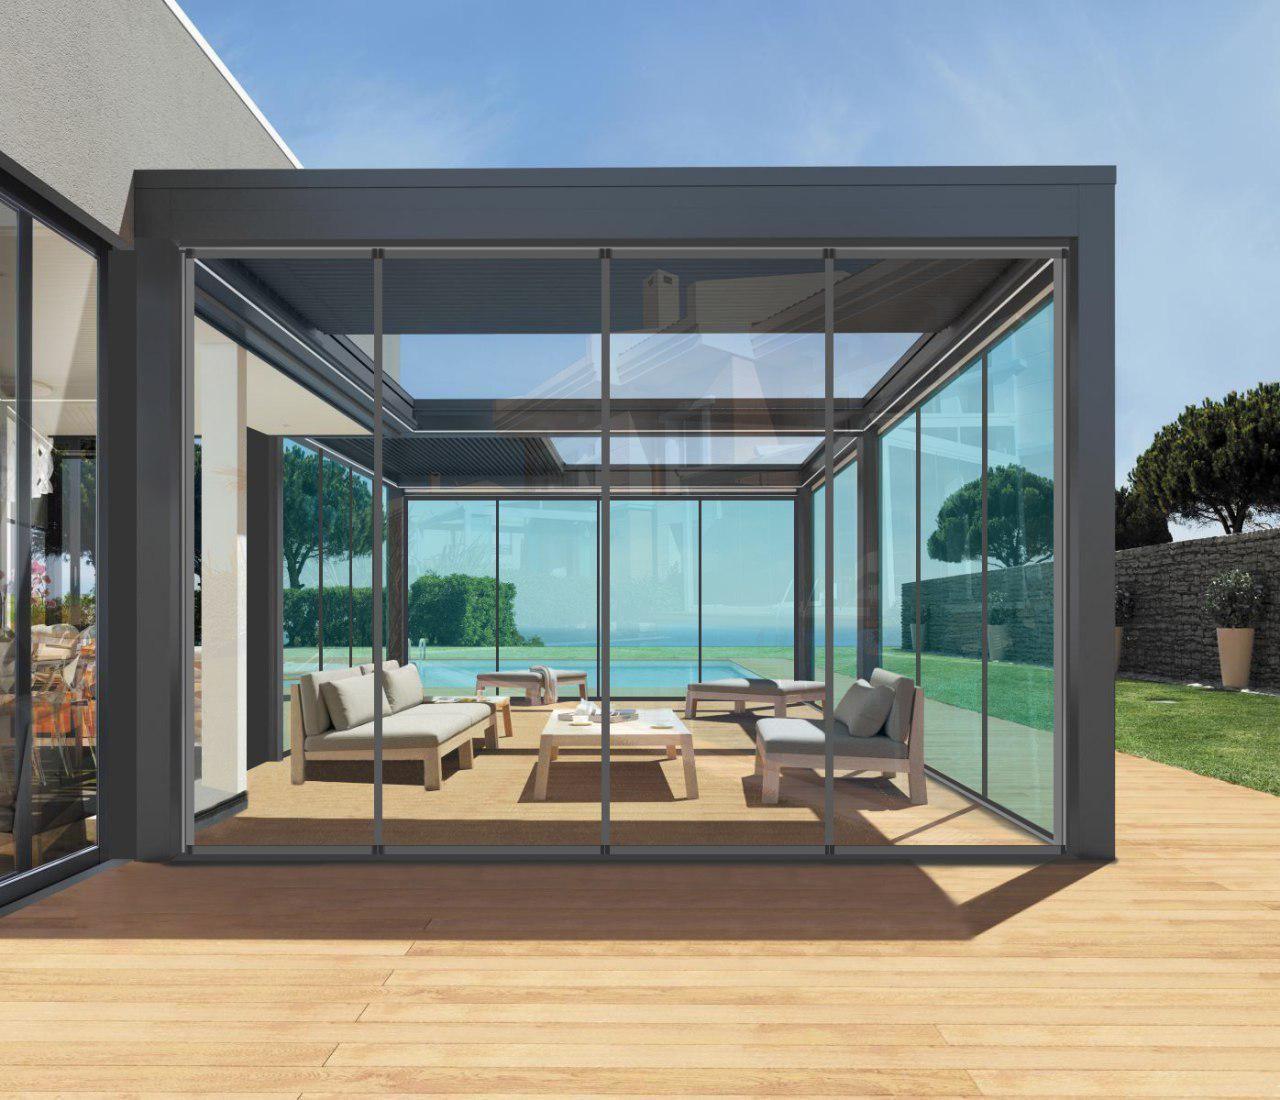 Terrazze Chiuse Con Vetrate bioclimatica chiusa con vetrate panoramiche mod. solco big